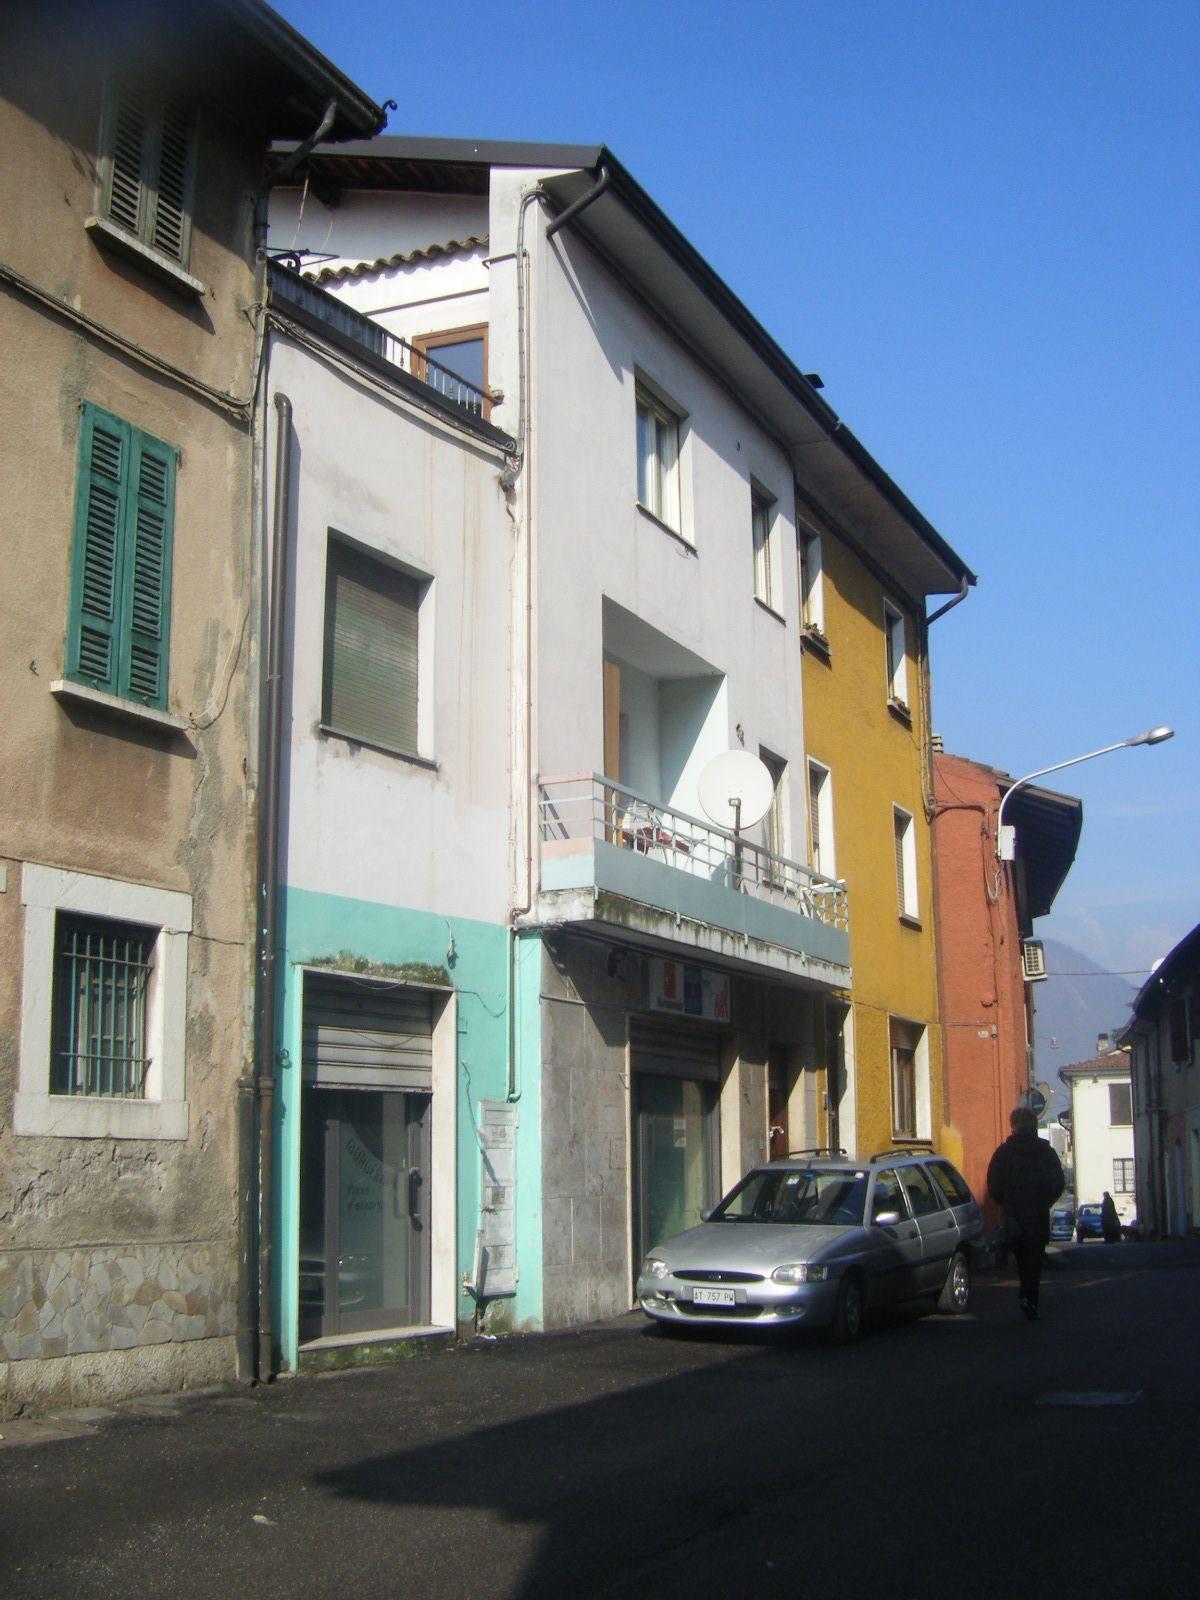 Negozio uso commerciale vendita a Villa Carcina